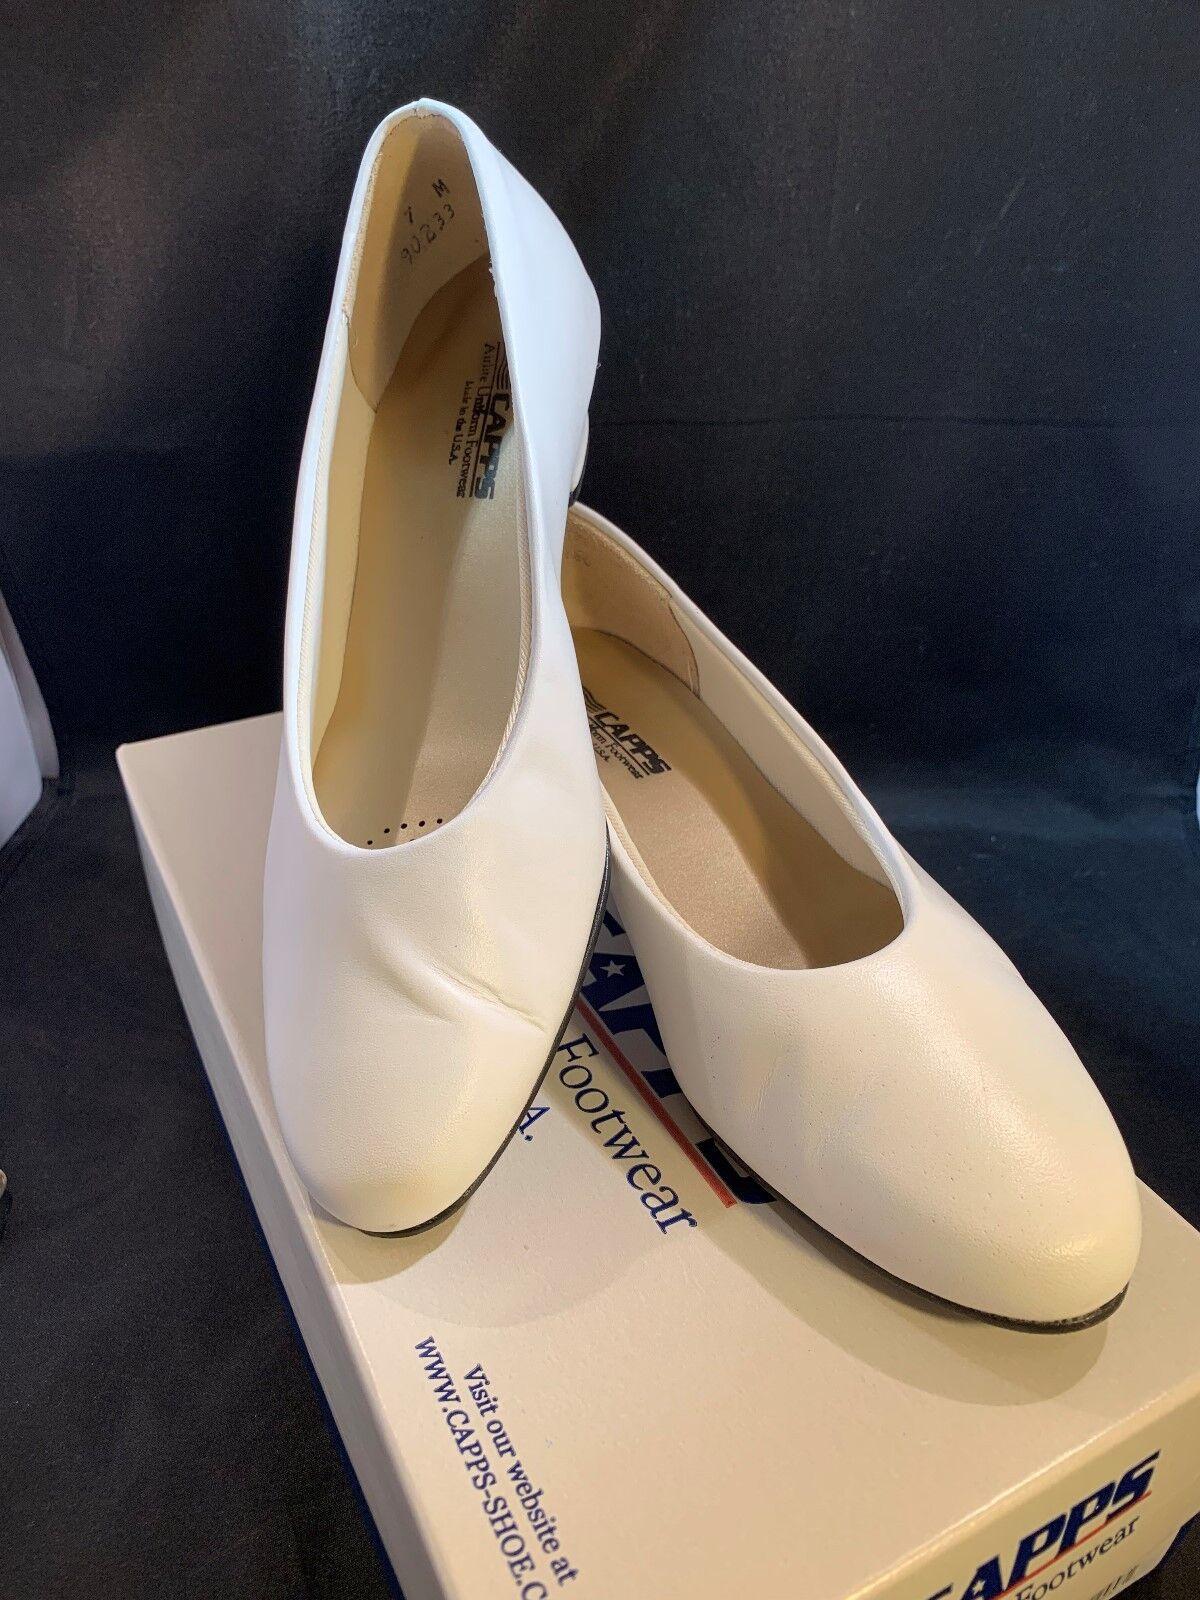 Bates 775 femmes Sail blanc Leather Uniform Dress Pumps CAPPS chaussures Sz 7